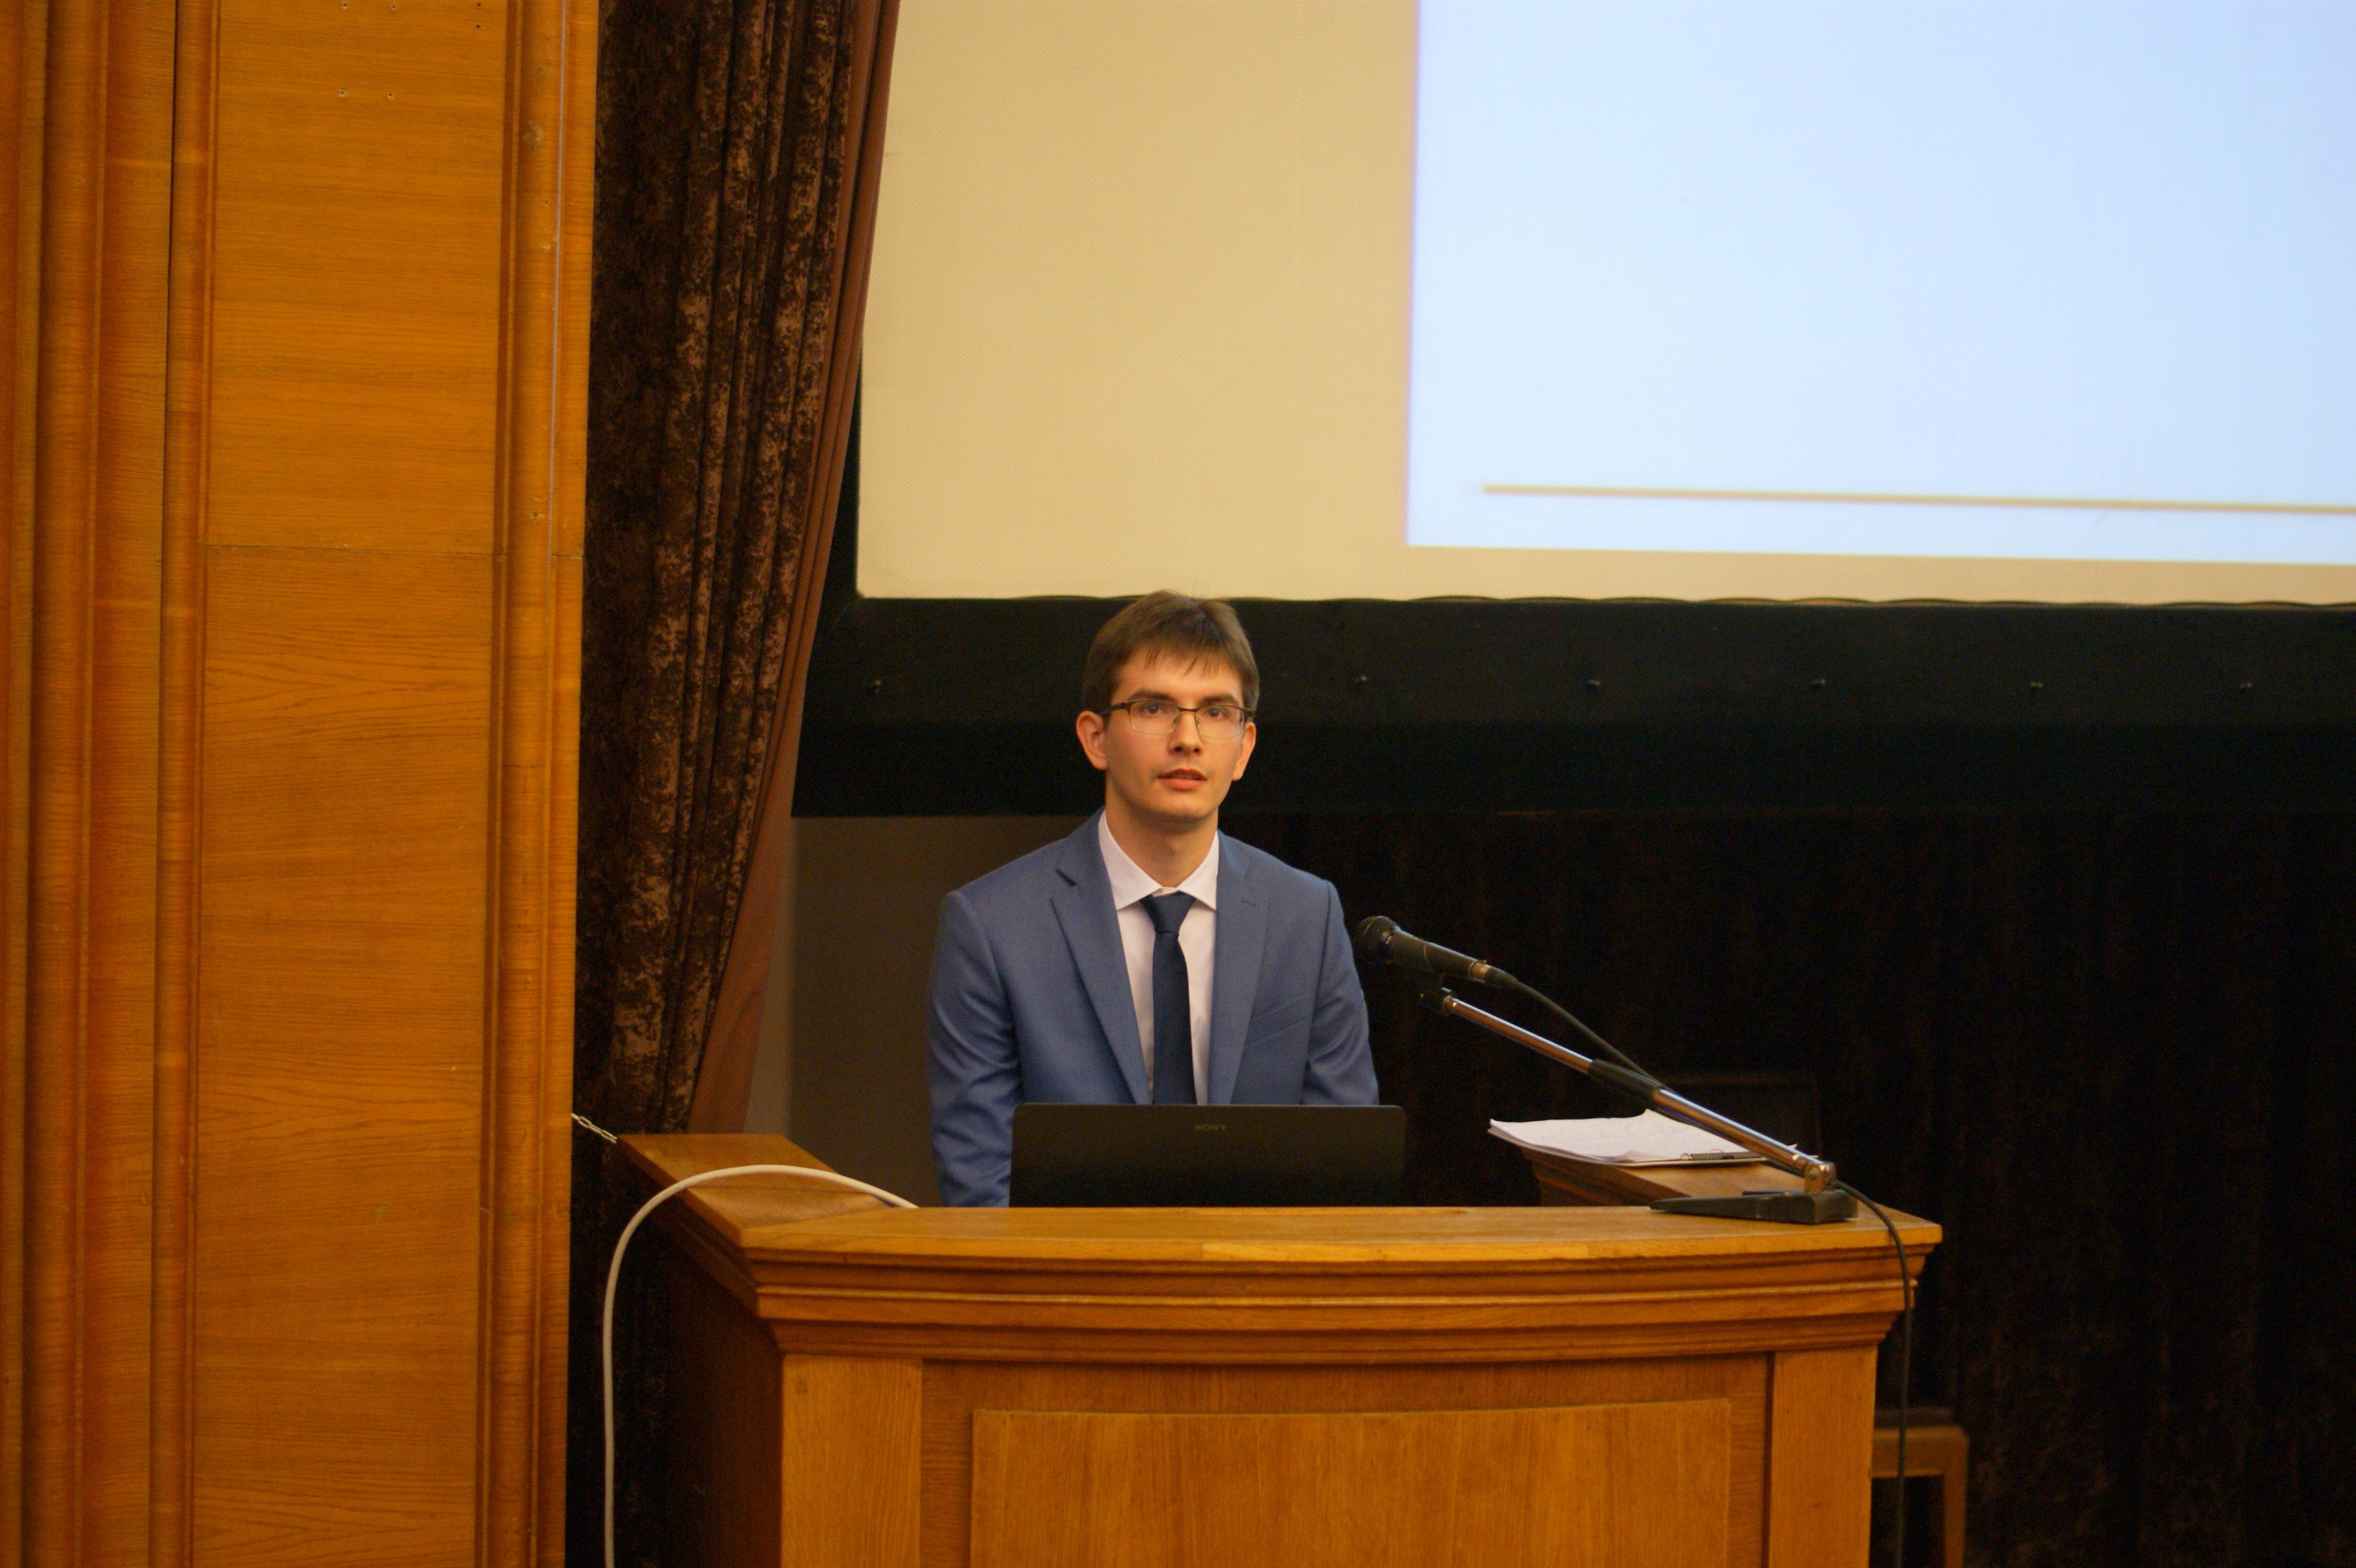 Аспиранты ИОХ РАН успешно защитили кандидатские диссертации  Аспиранты ИОХ РАН успешно защитили кандидатские диссертации